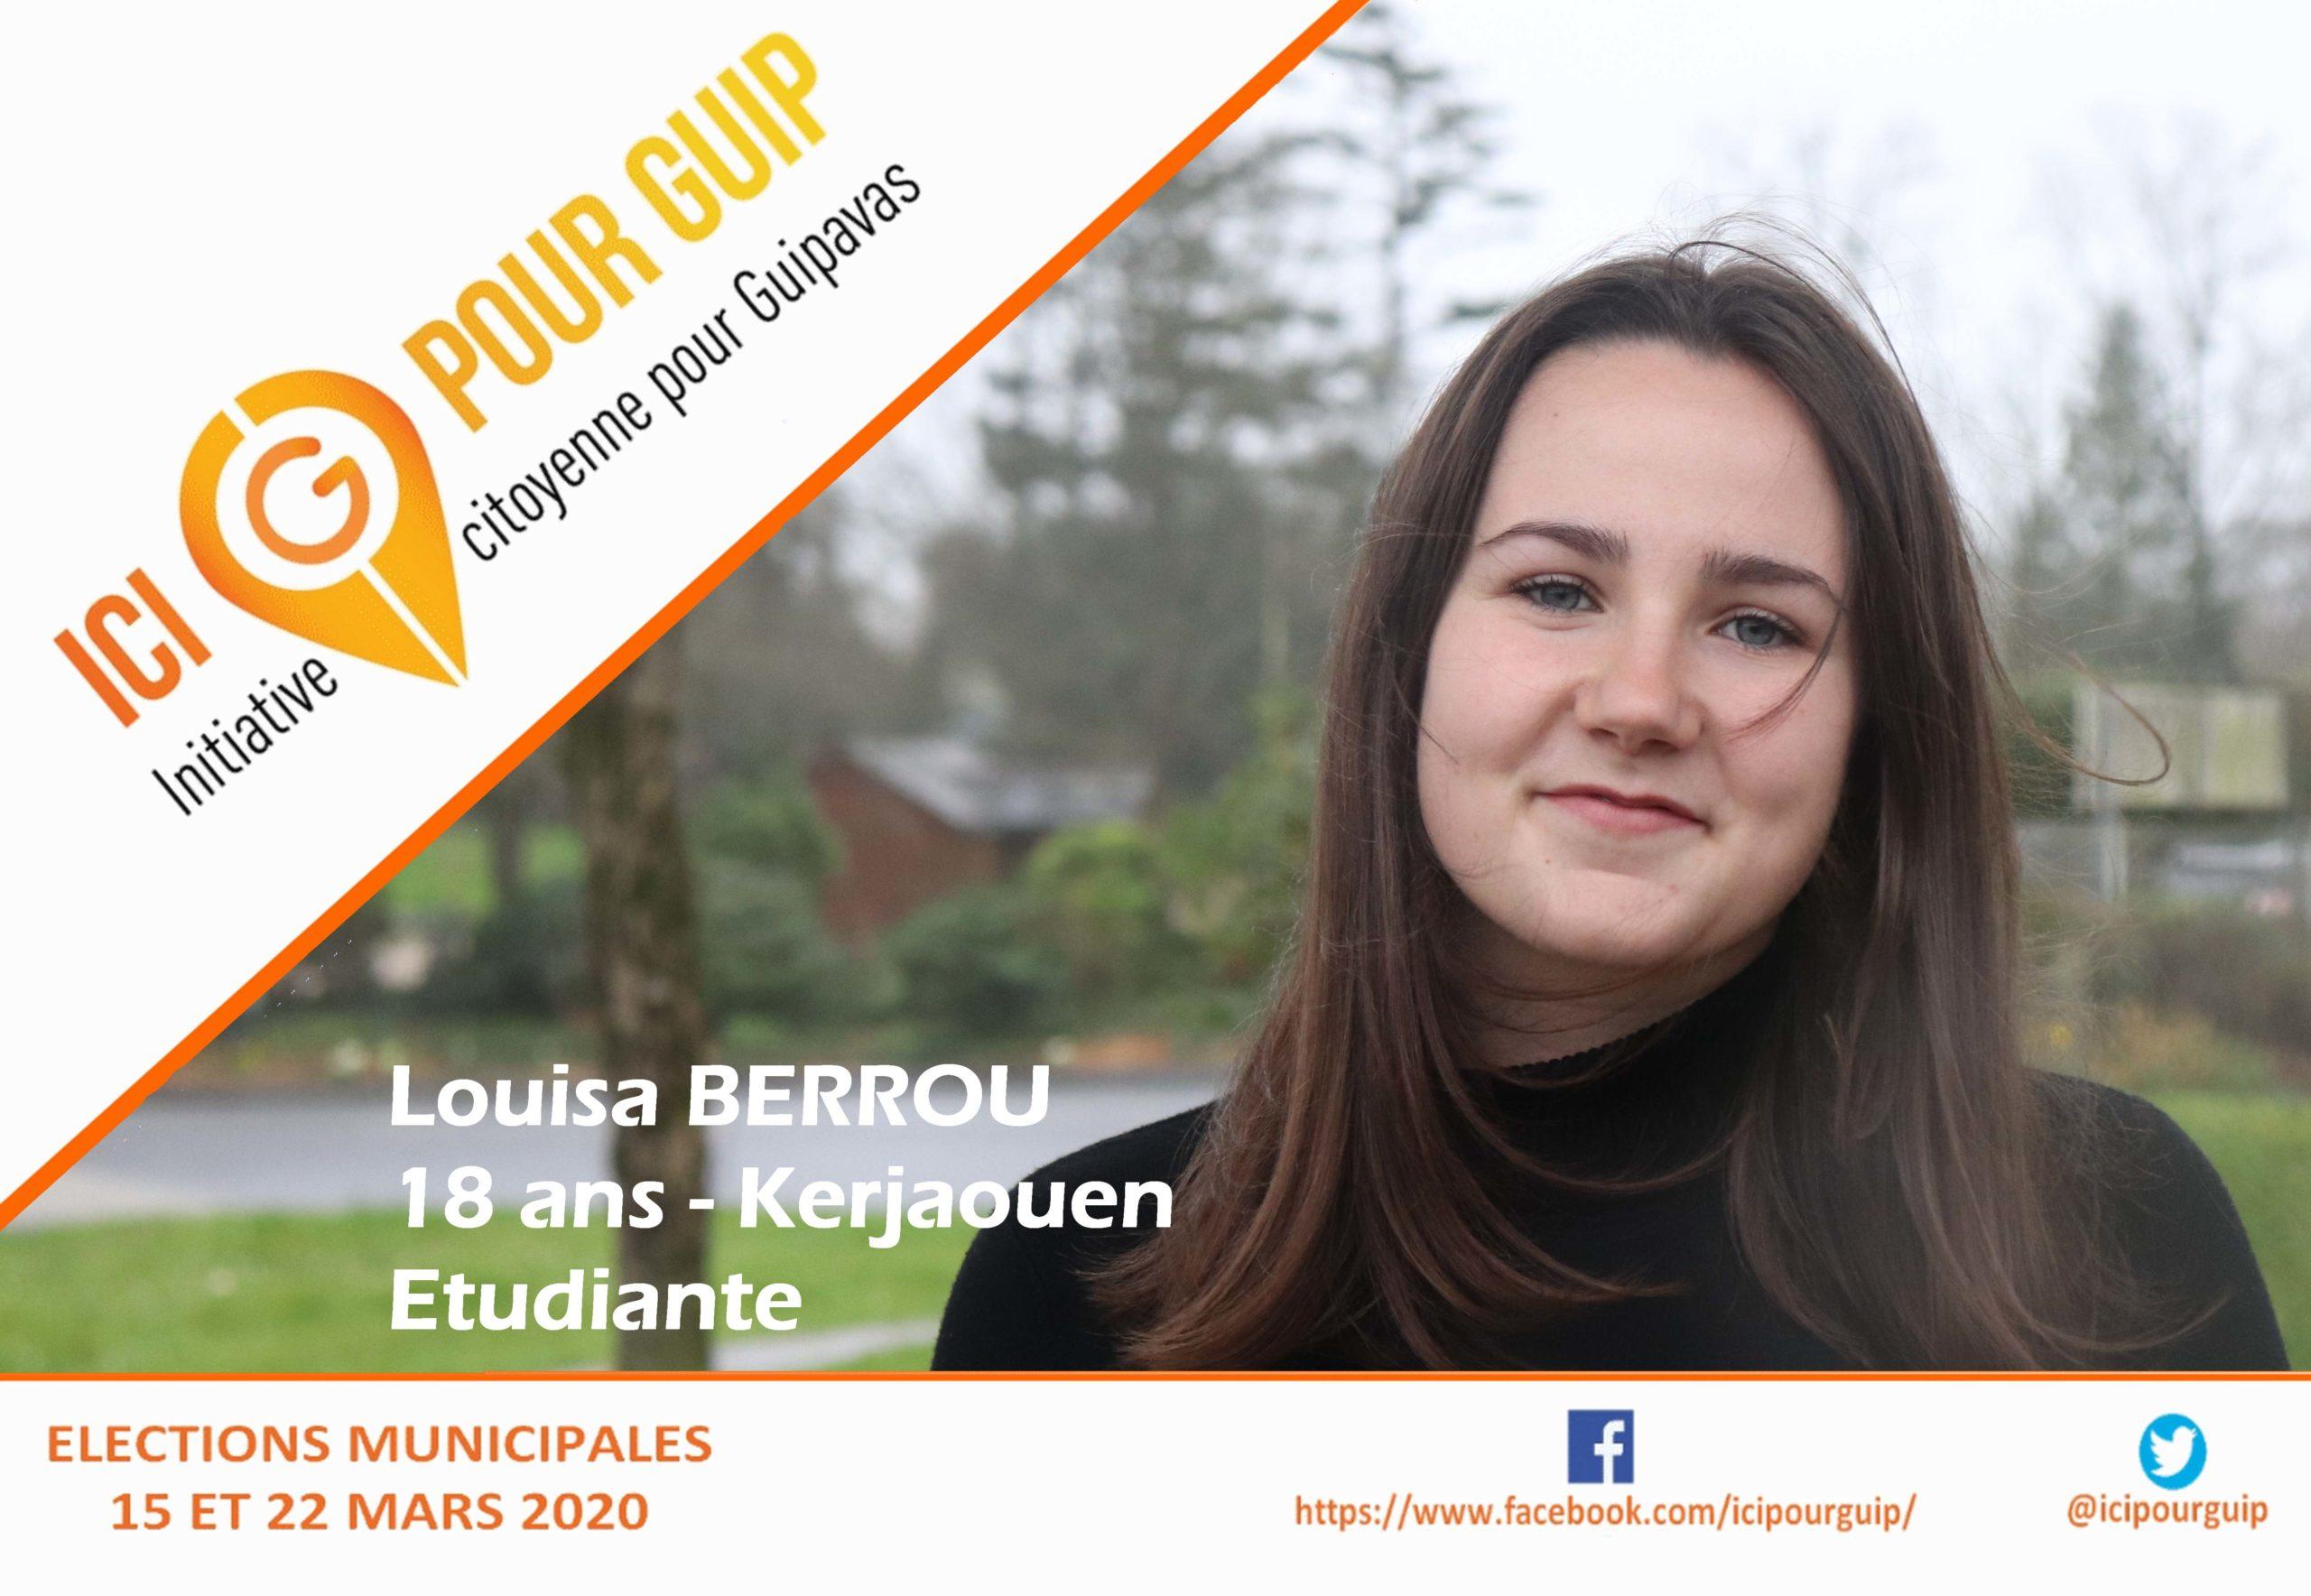 Louisa Berrou